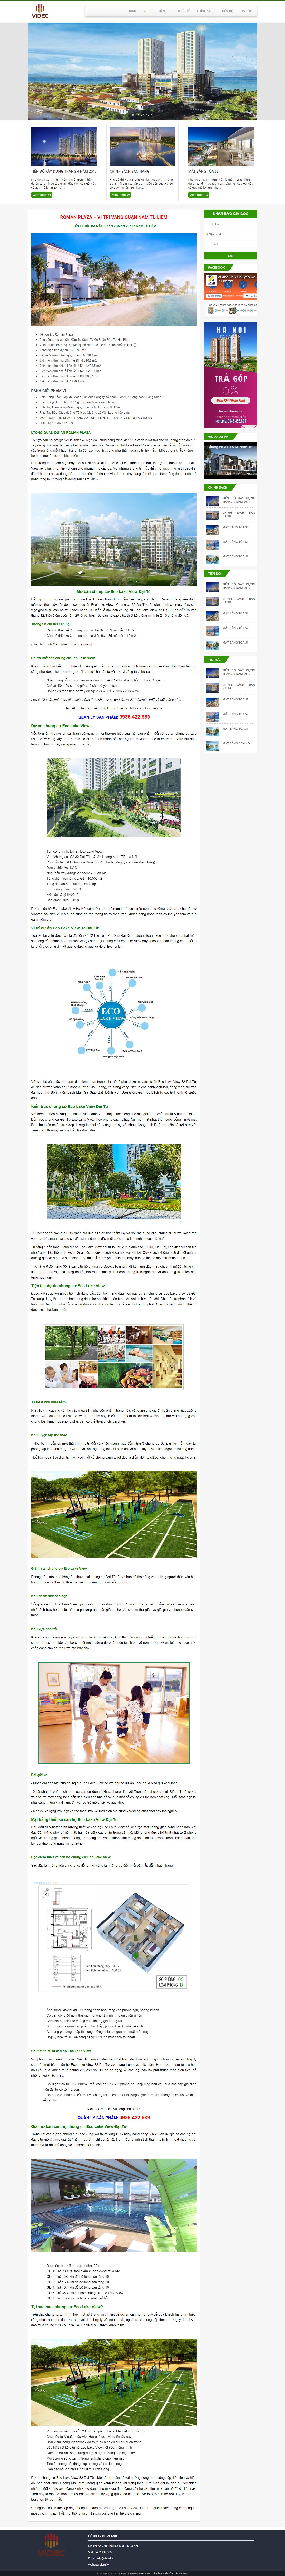 Giao diện website Bất động sản Z - 172